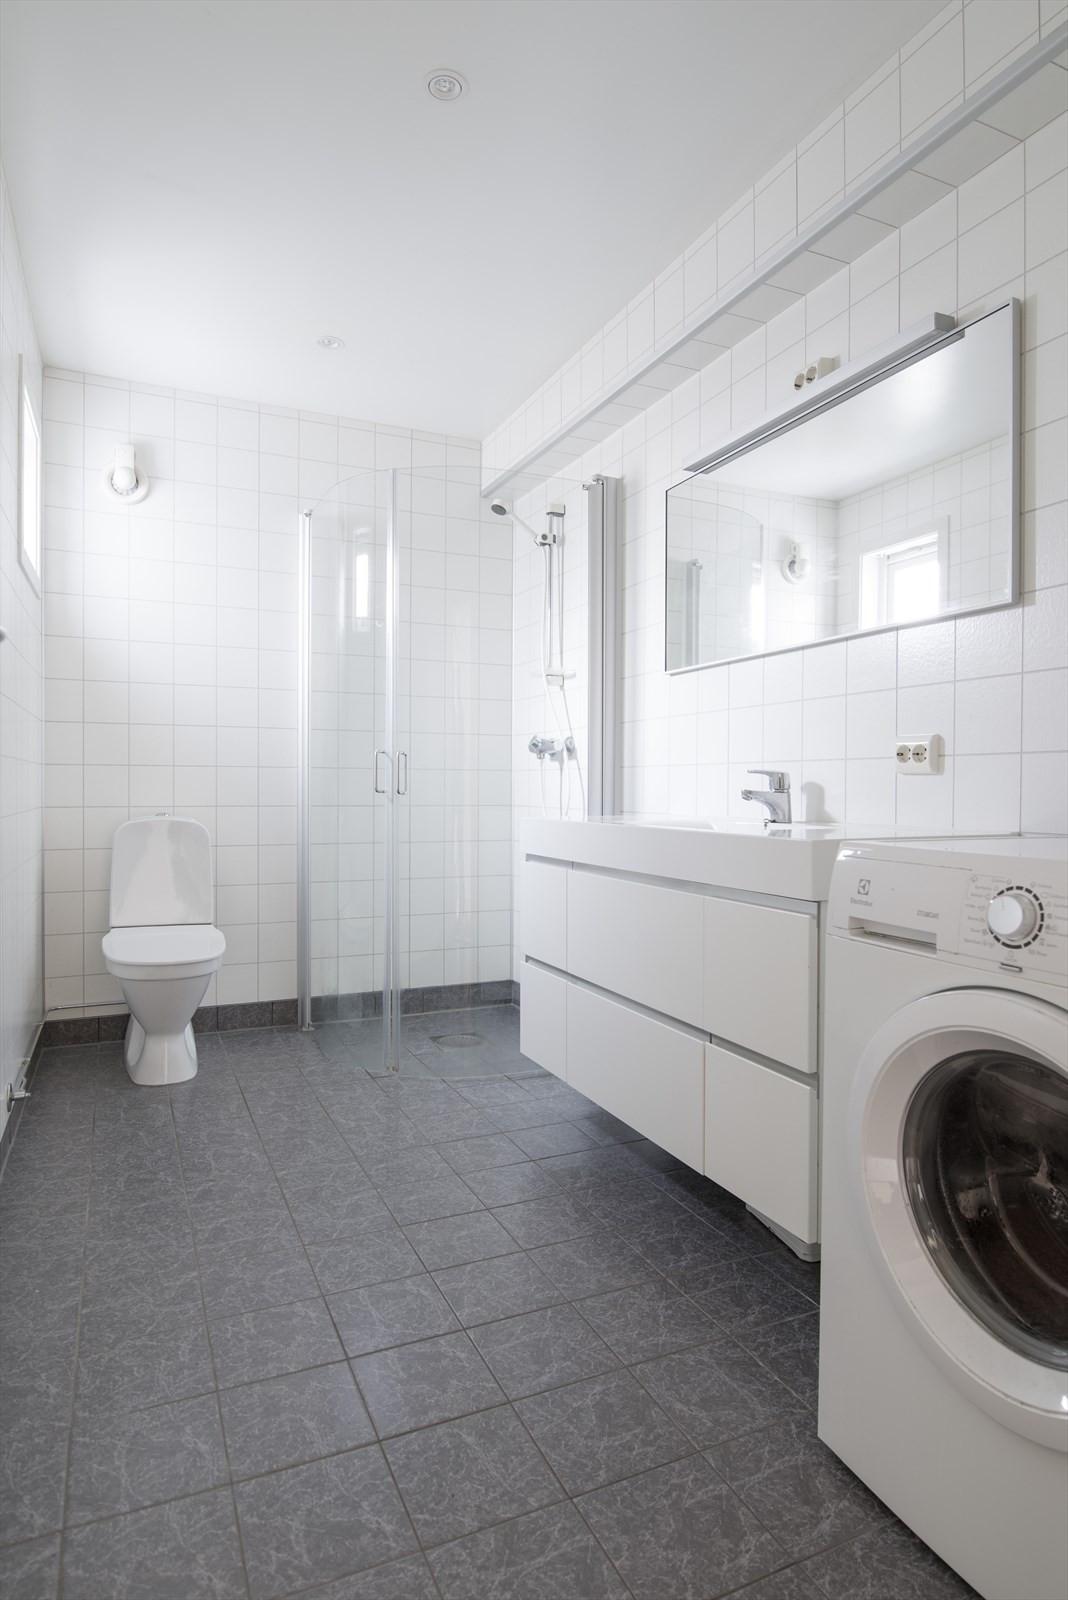 Badet er praktisk med opplegg for vaskemaskin og tørketrommel